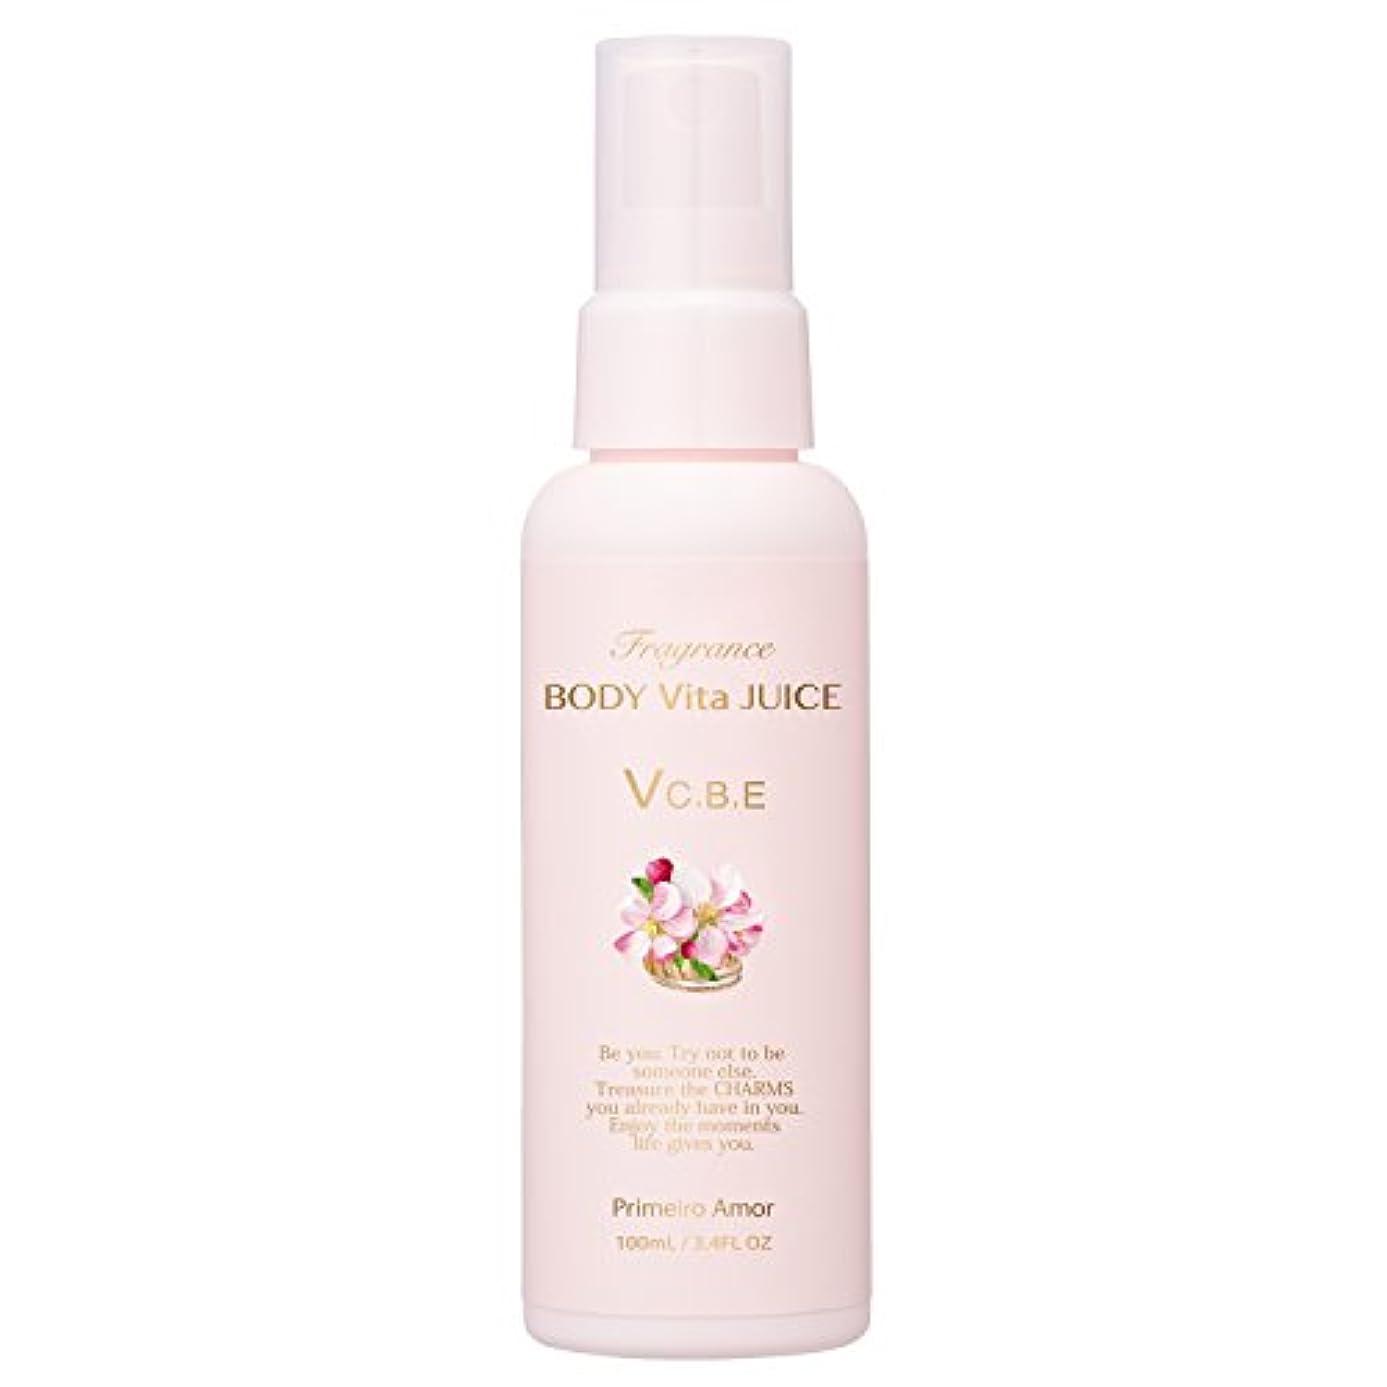 聖なる負荷振動させるFERNANDA(フェルナンダ) Body Vita Juice Primeiro Amor(ボディビタジュース プリメイロアモール)